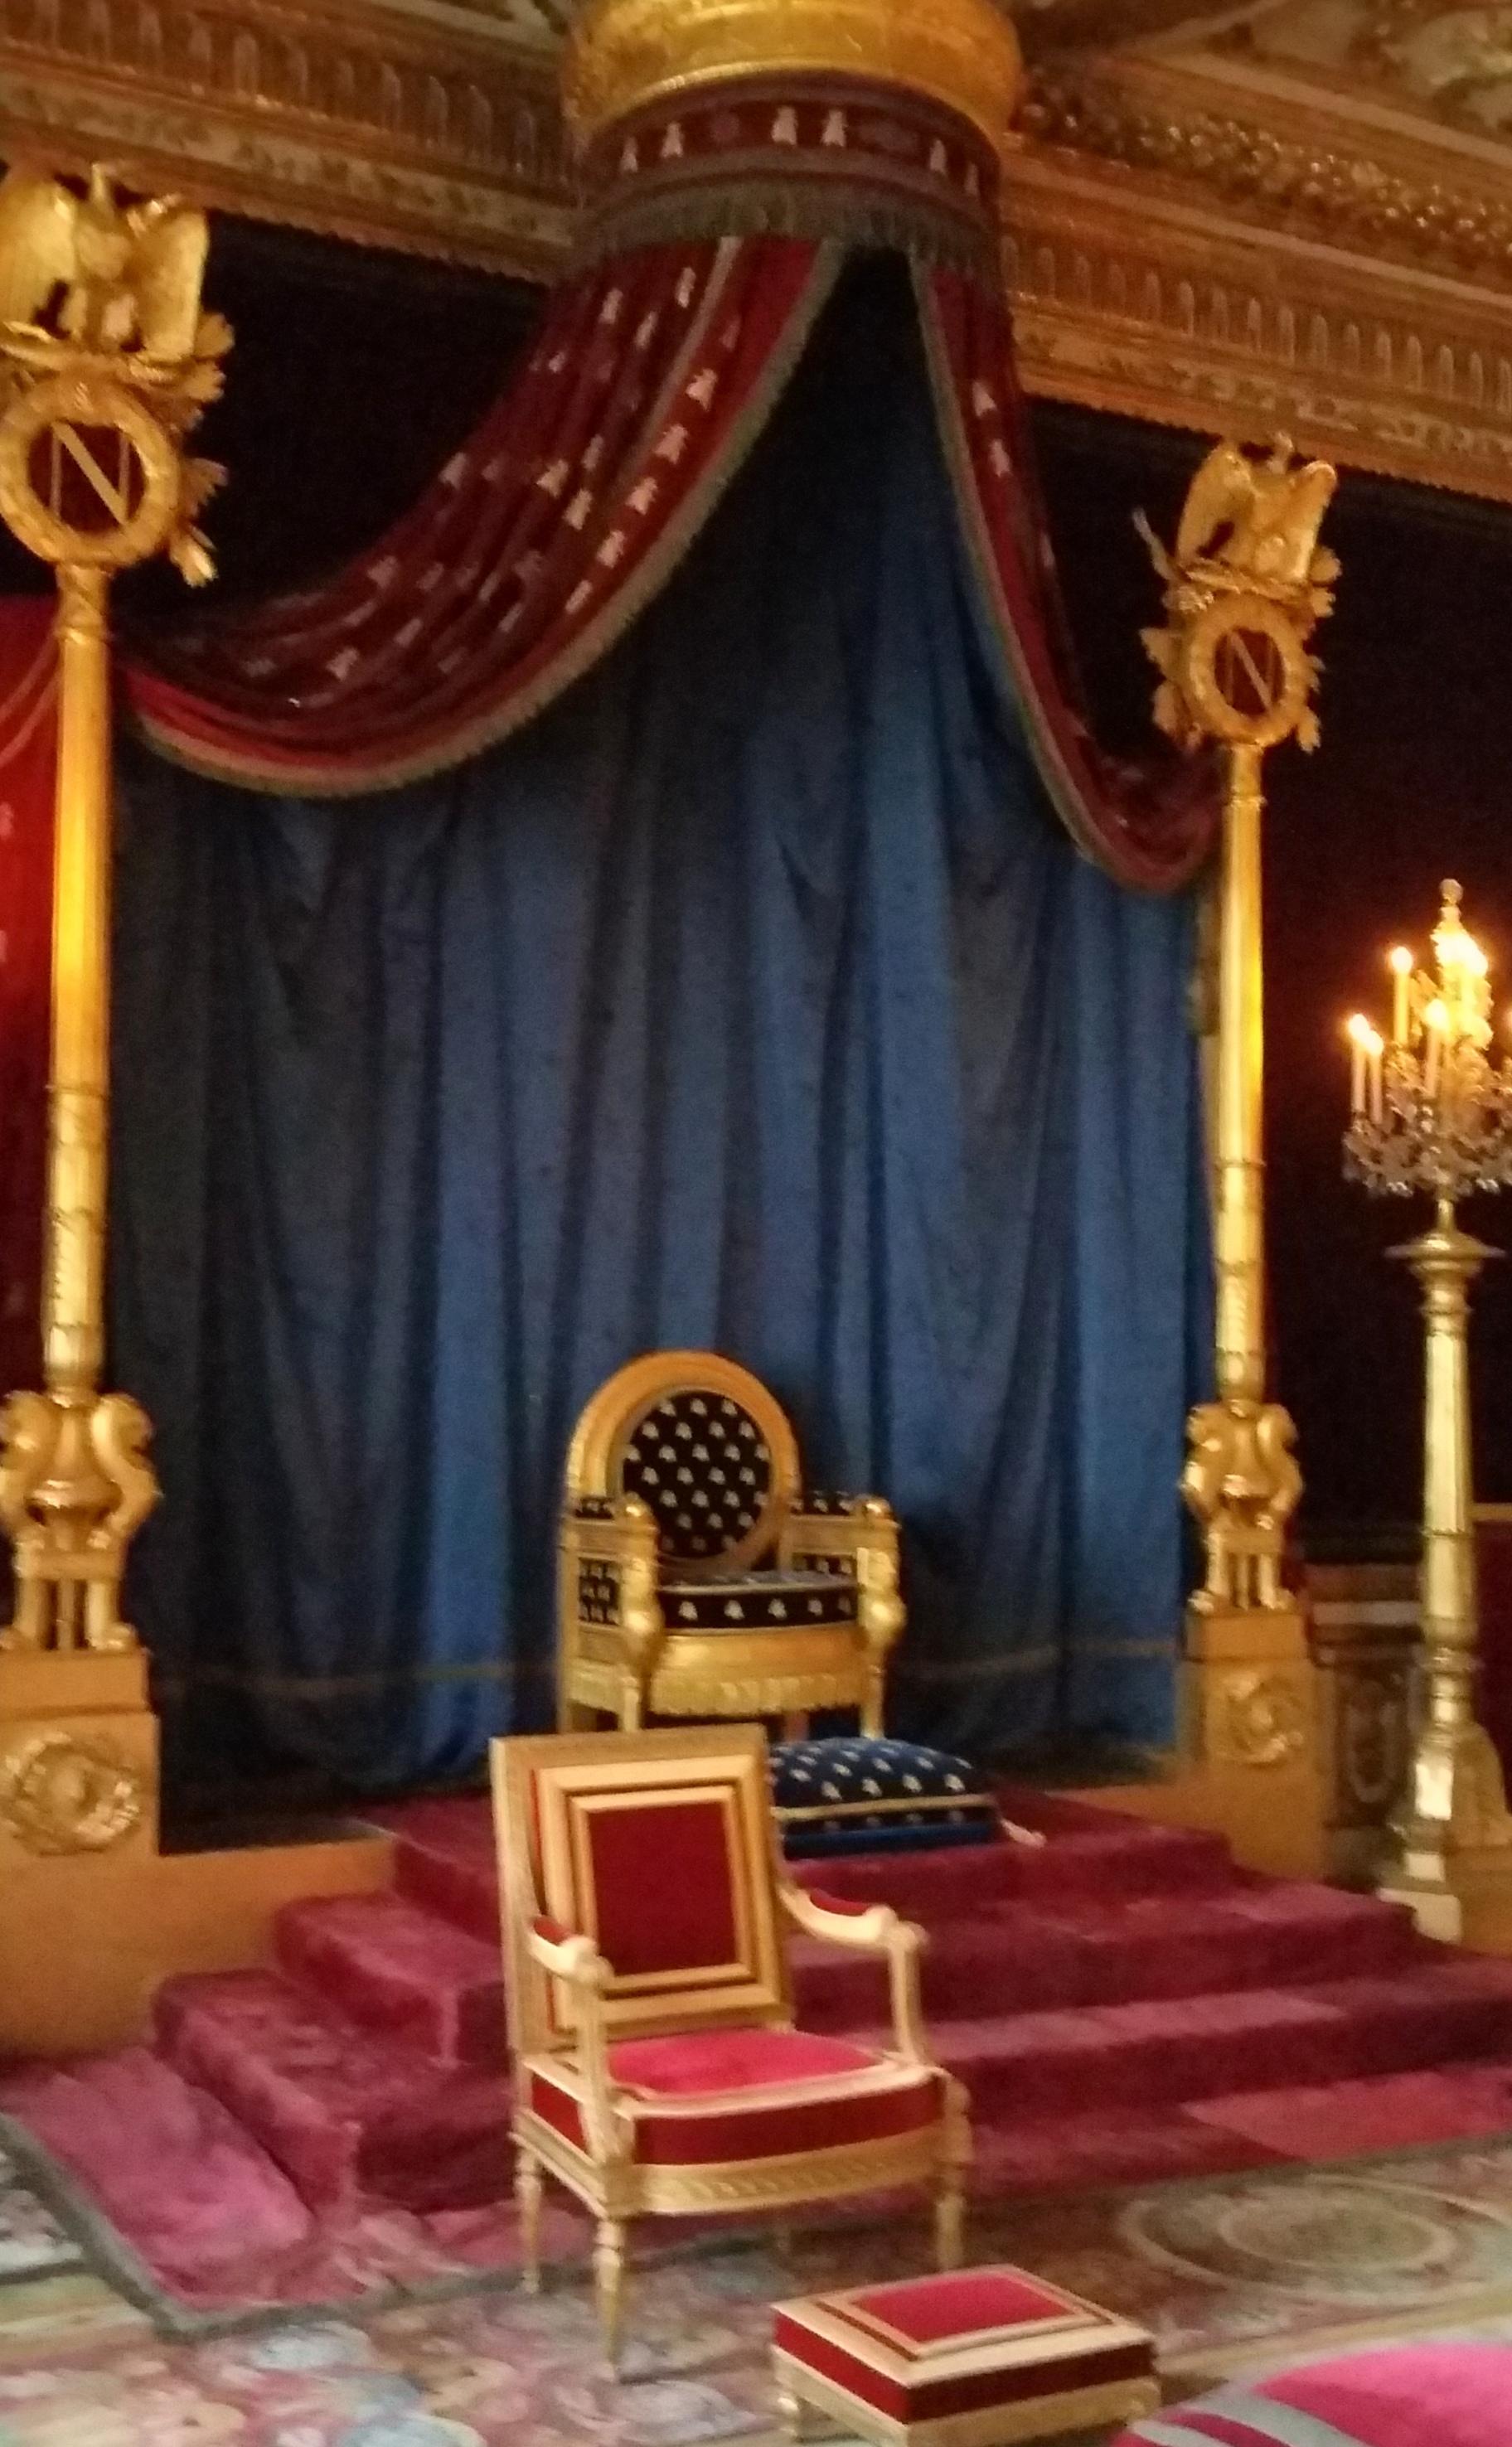 Throneroom of Napoleon, Fontainebleau